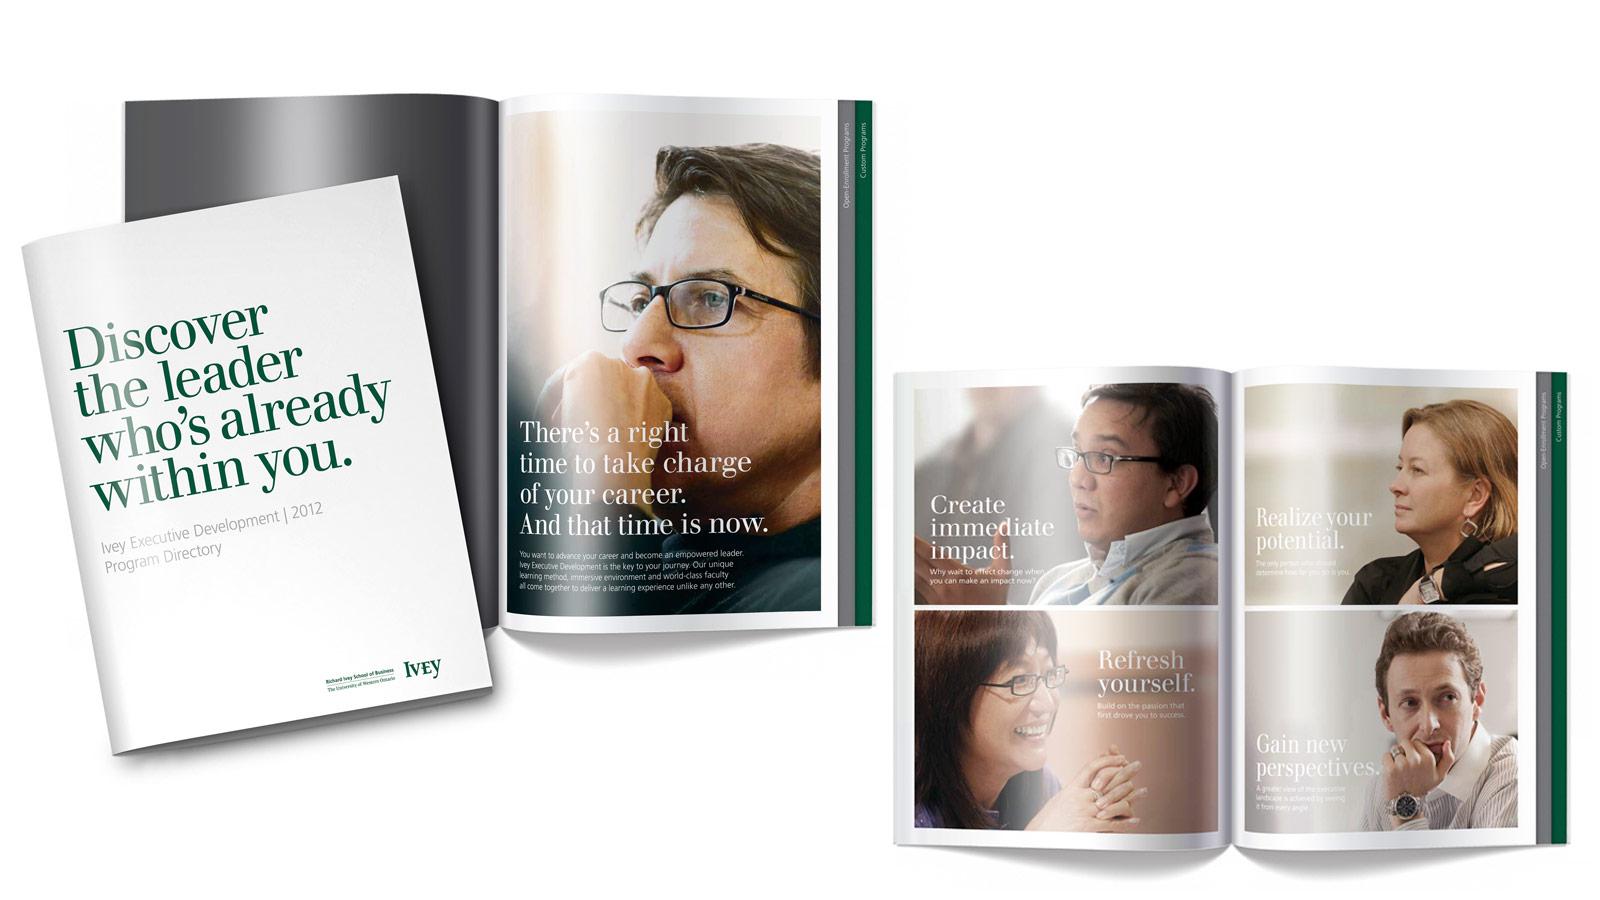 Ivey Business School at Western University | Programme de perfectionnement | Design, Imprimé